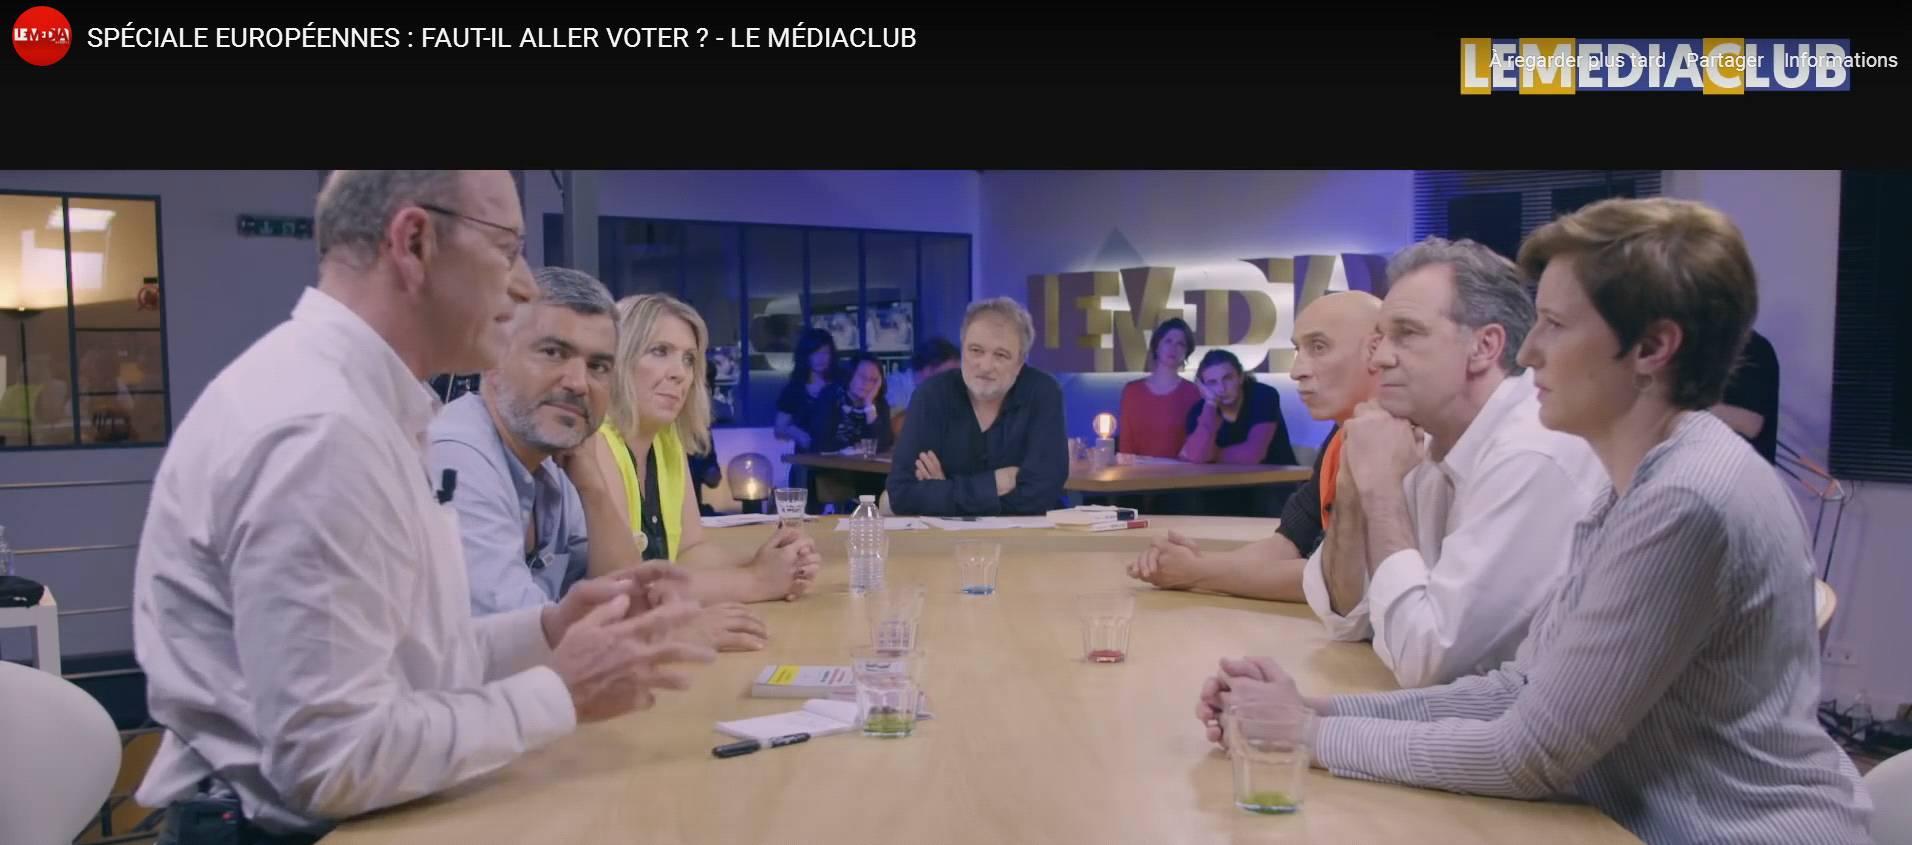 [Courageusement] invité par Denis Robert sur Le Média TV mardi 21 mai 2019: élections européennes, gilets jaunes, RIC et règles de la représentation